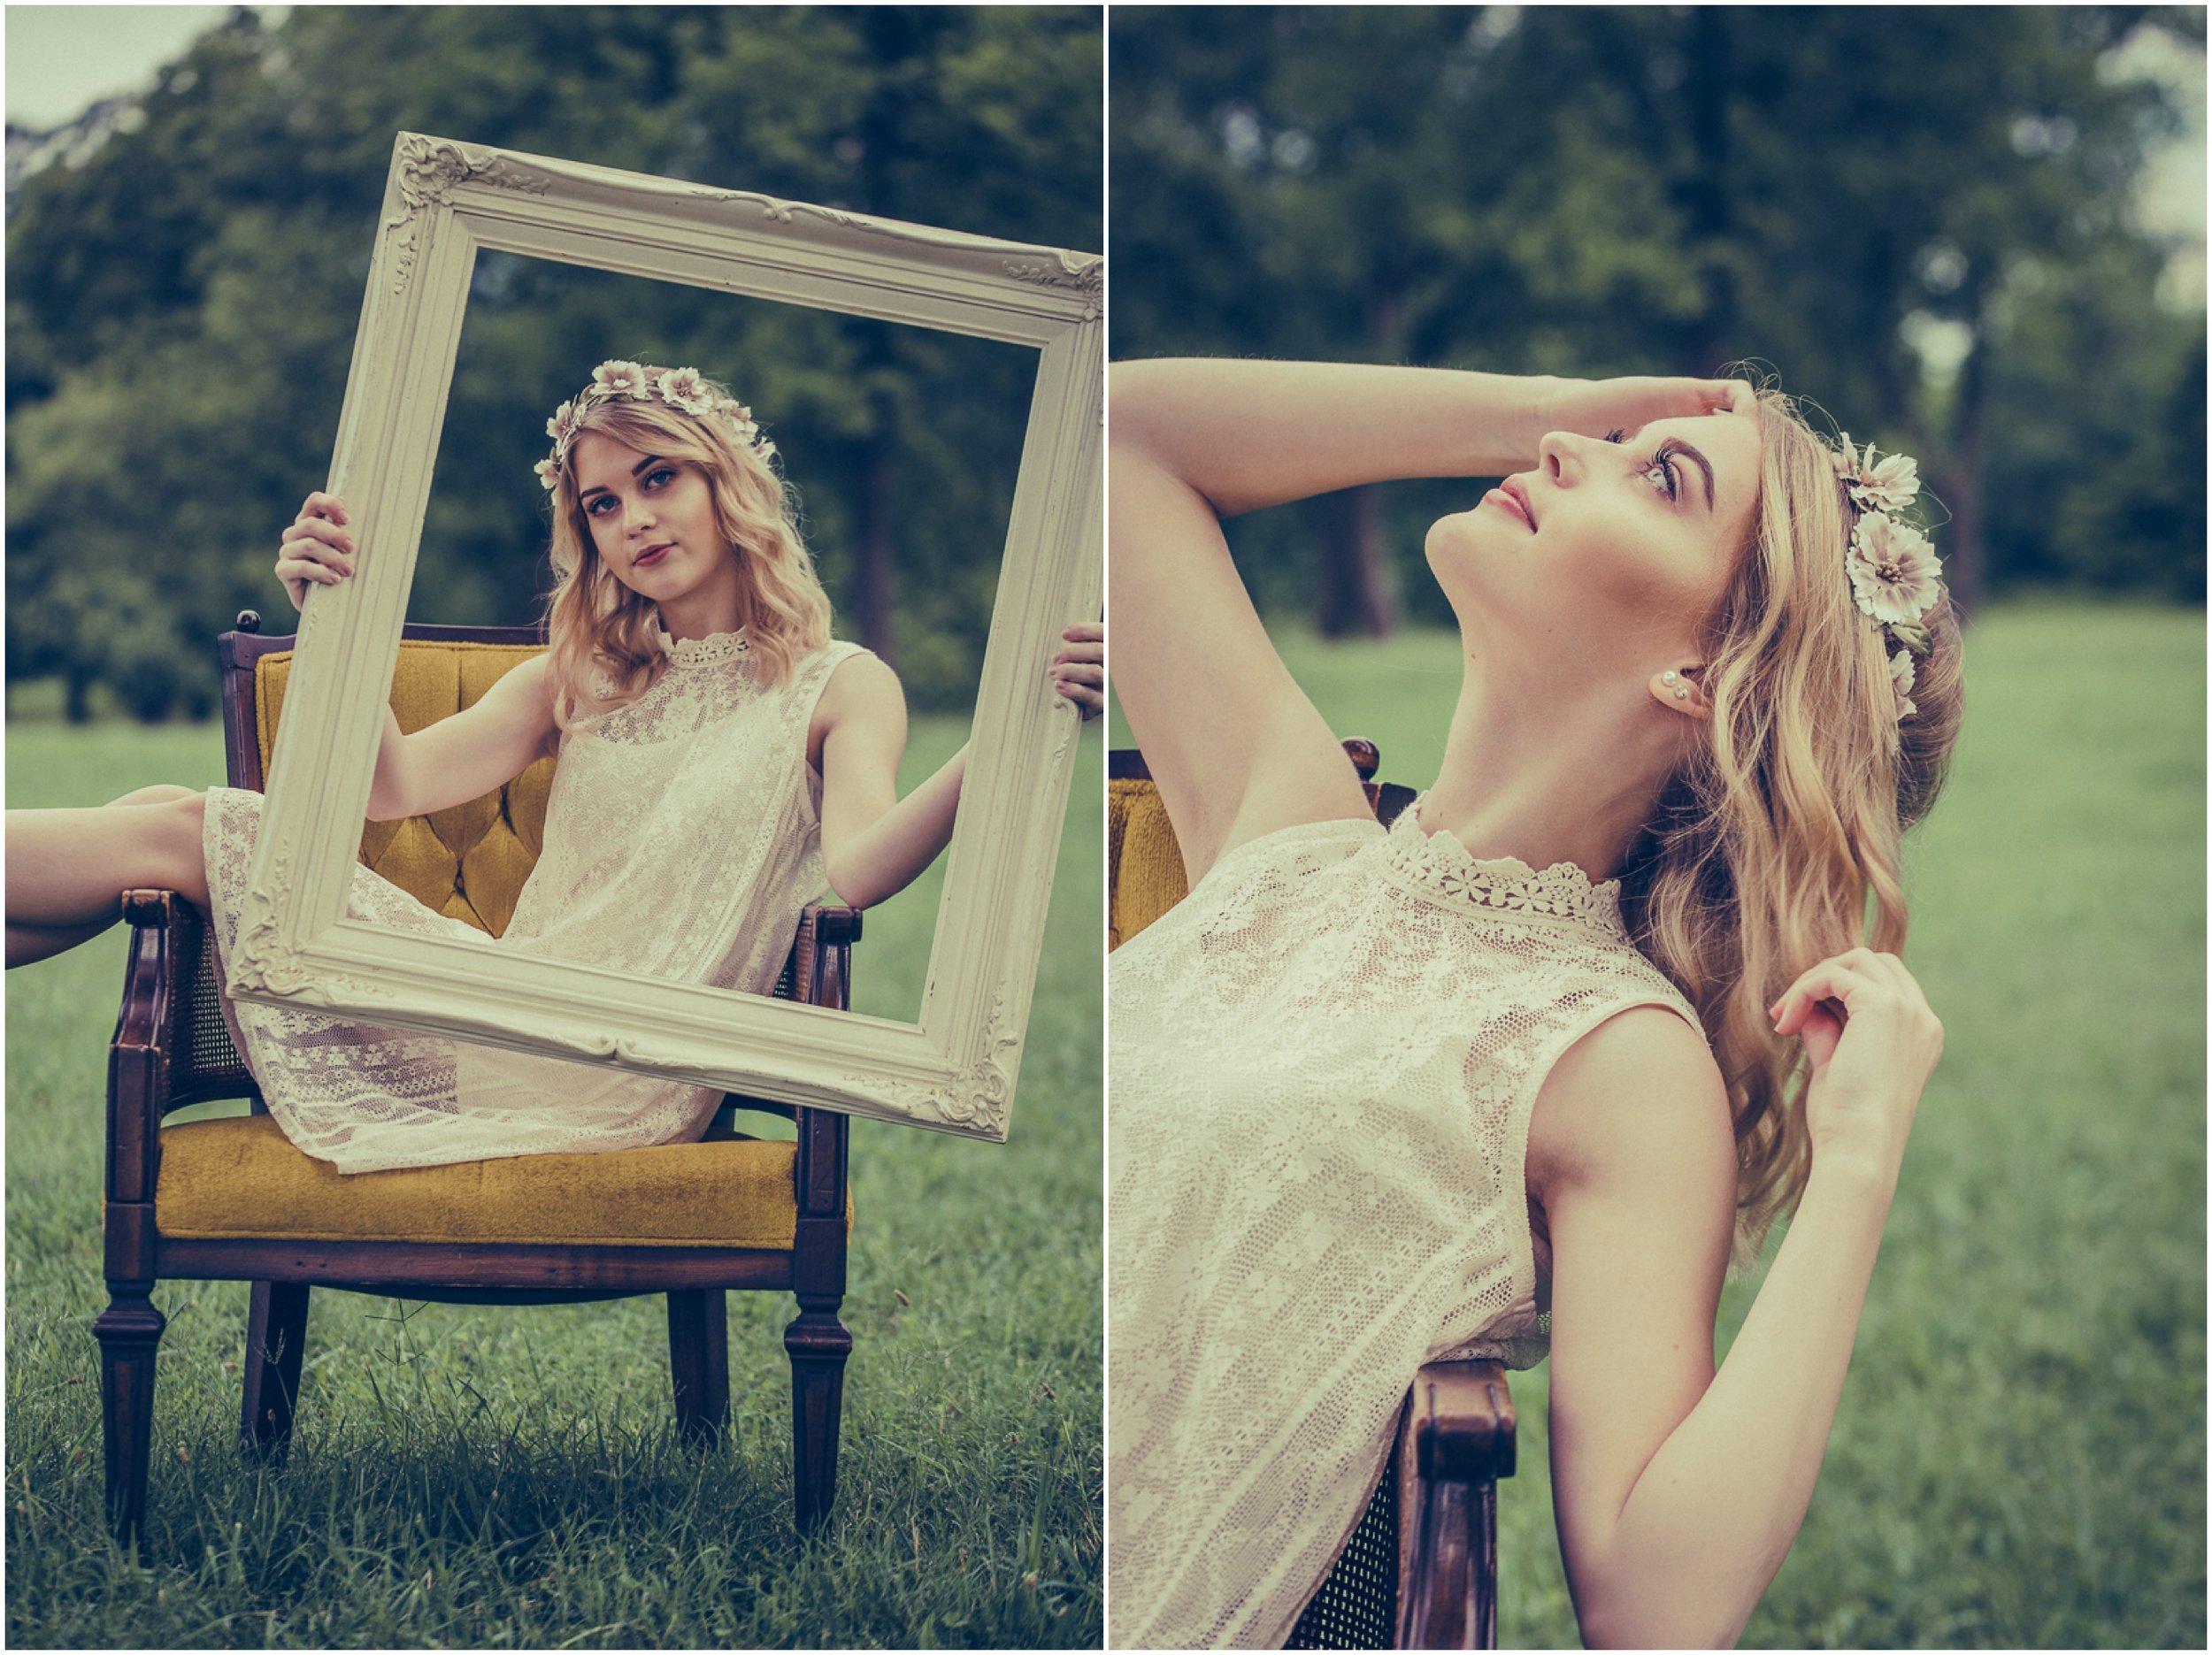 kaitlyn retro model photo session_0015.jpg